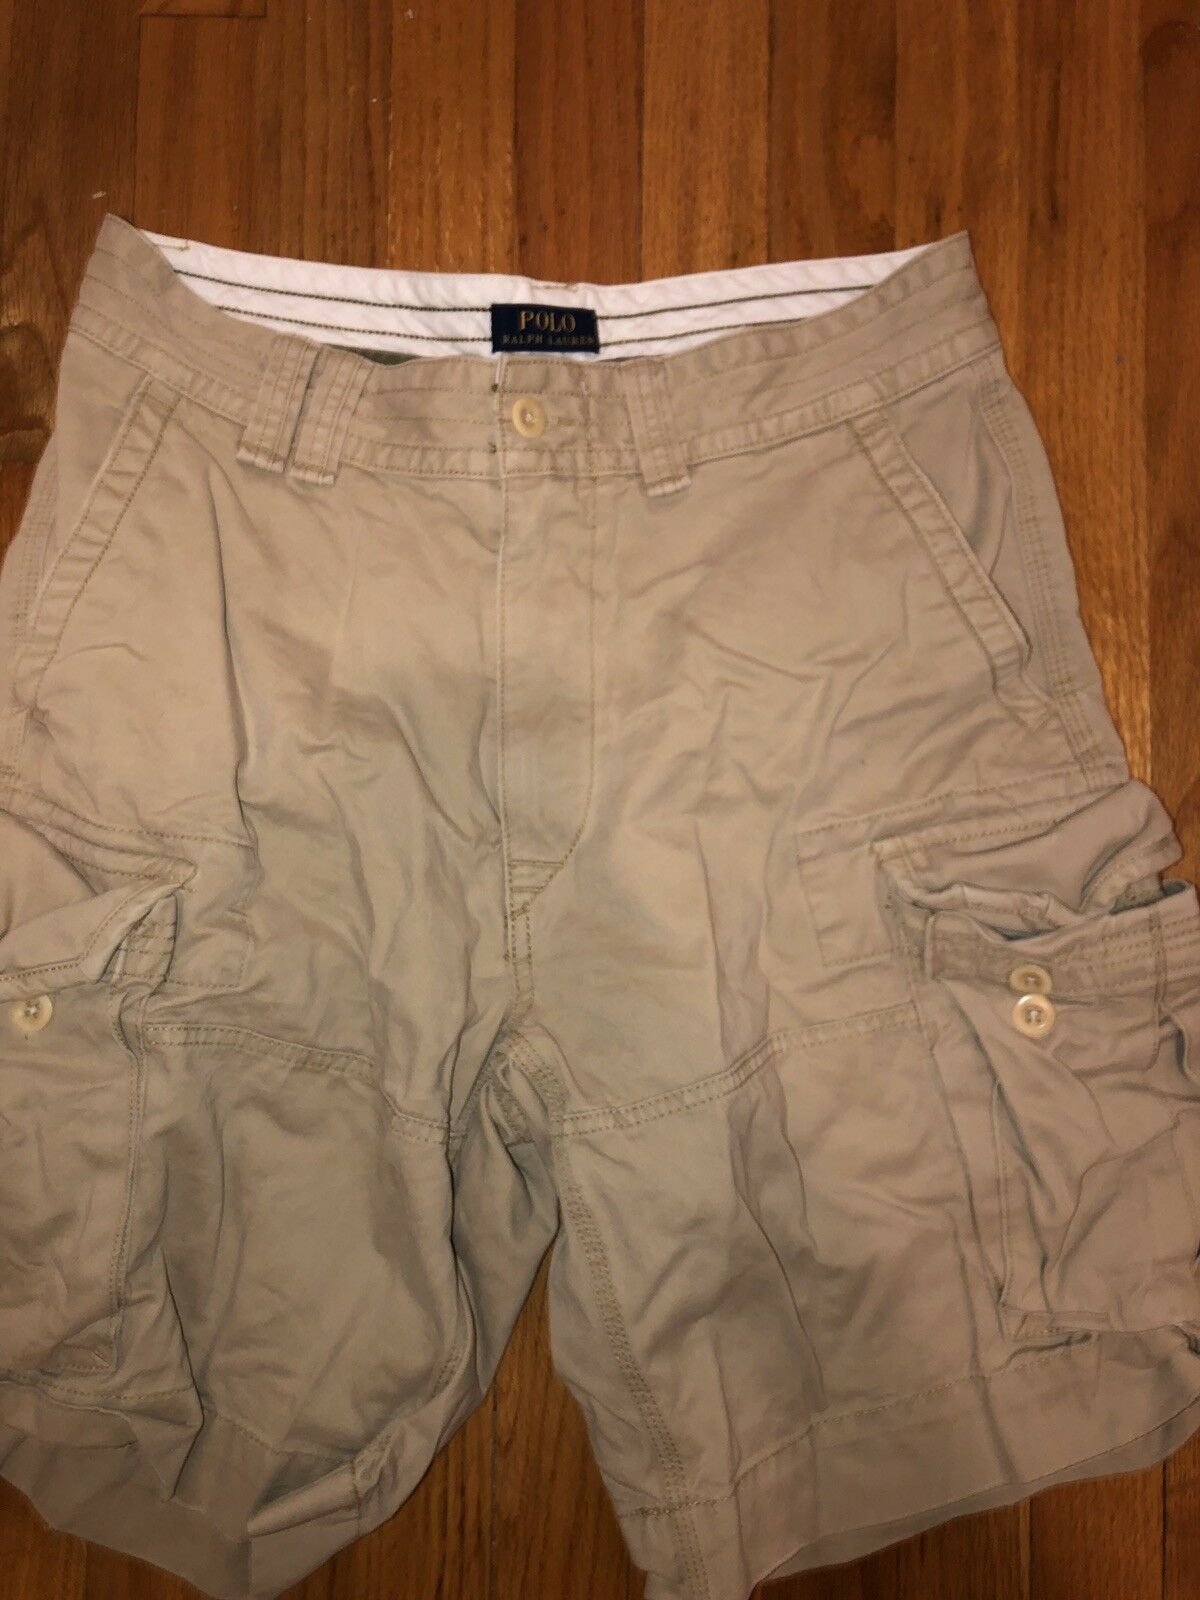 Polo ralph lauren cargo shorts 32